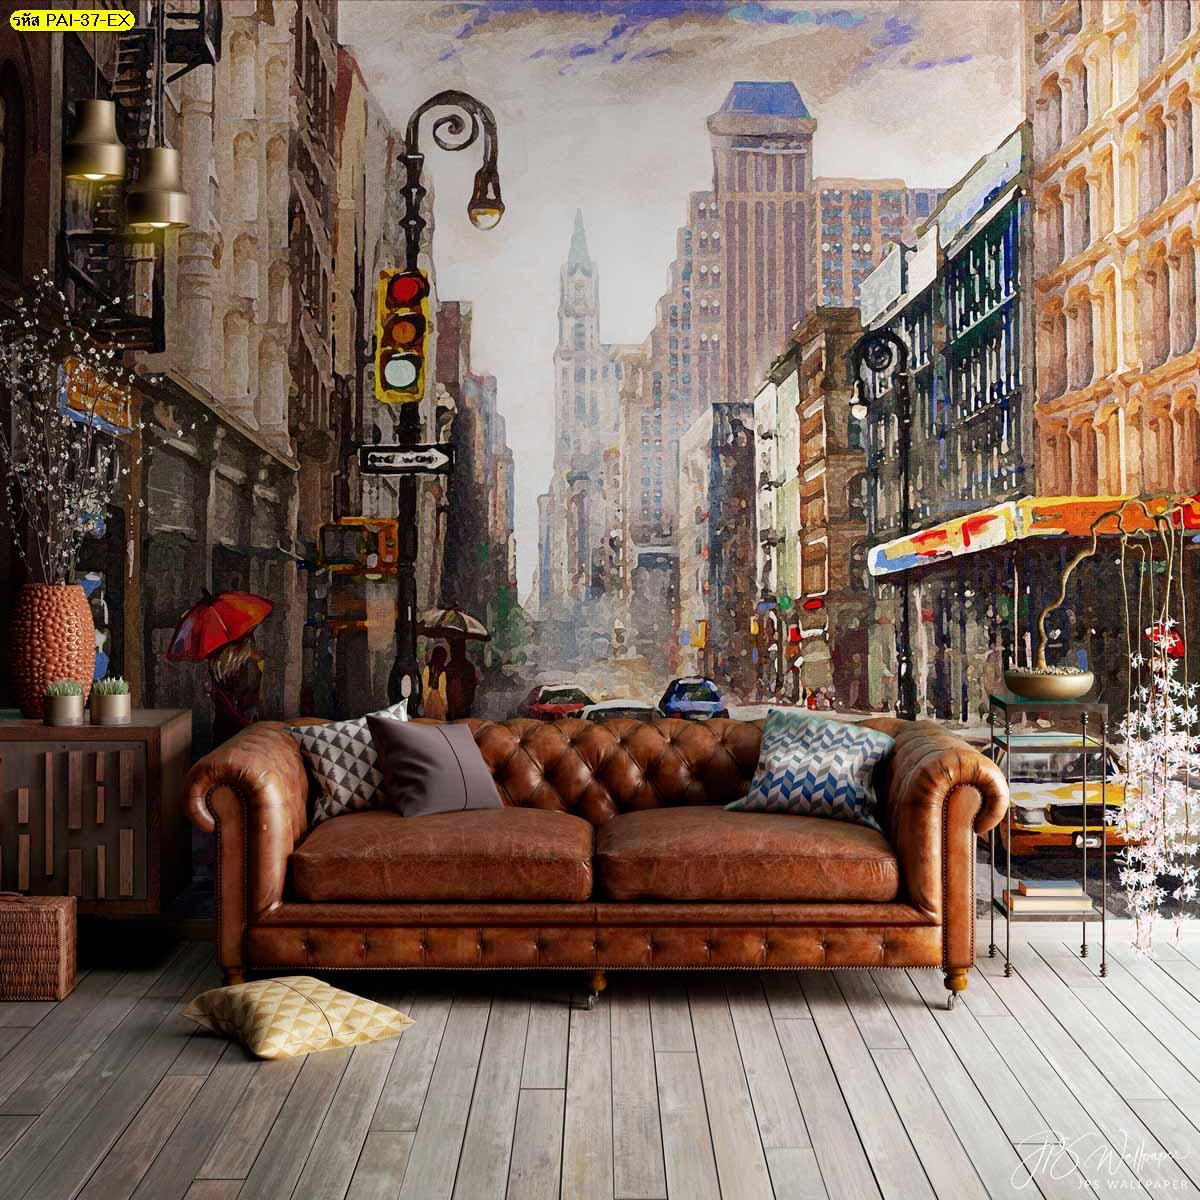 ตกแต่งผนังลายภาพวาดวิวเมือง ภาพติดผนังหลังโซฟา ภาพเท่ๆตกแต่งห้องนั่งเล่น